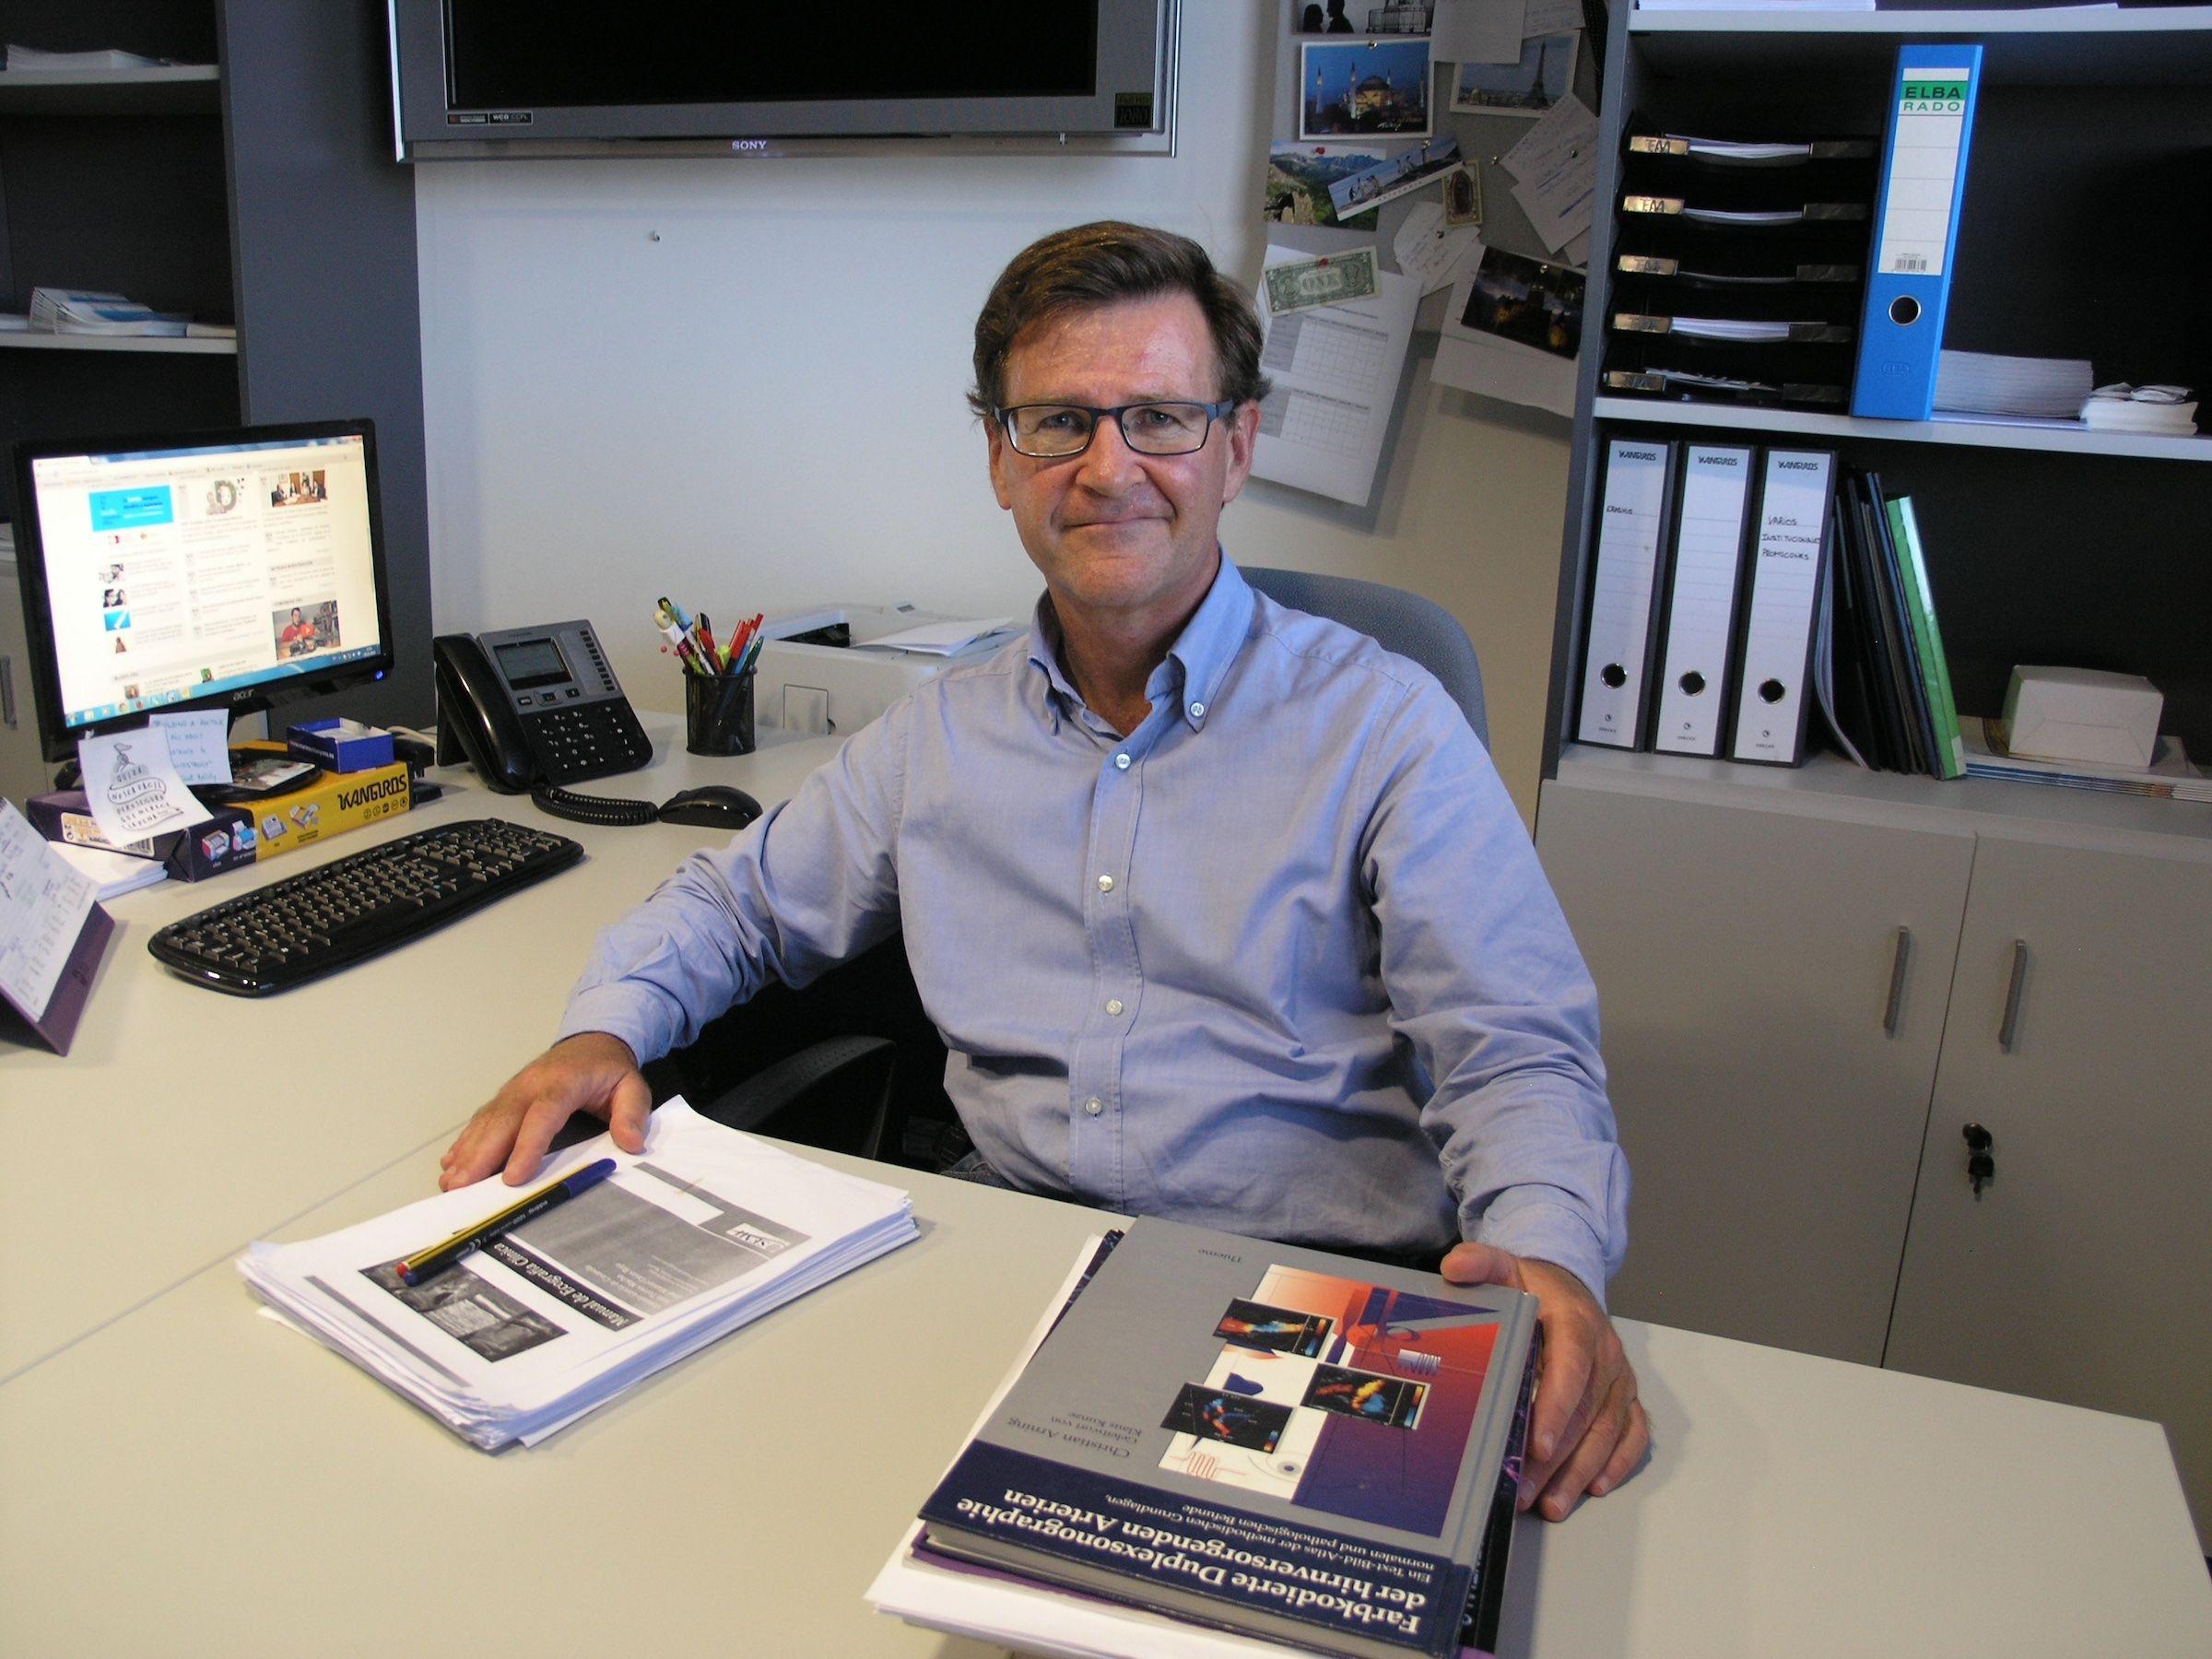 El profesor de Medicina Interna de la CEU UCH Enrique Rodilla Sala, especialista de la Unidad de Hipertensión y Riesgo Vascular del Hospital Universitario de Sagunto.